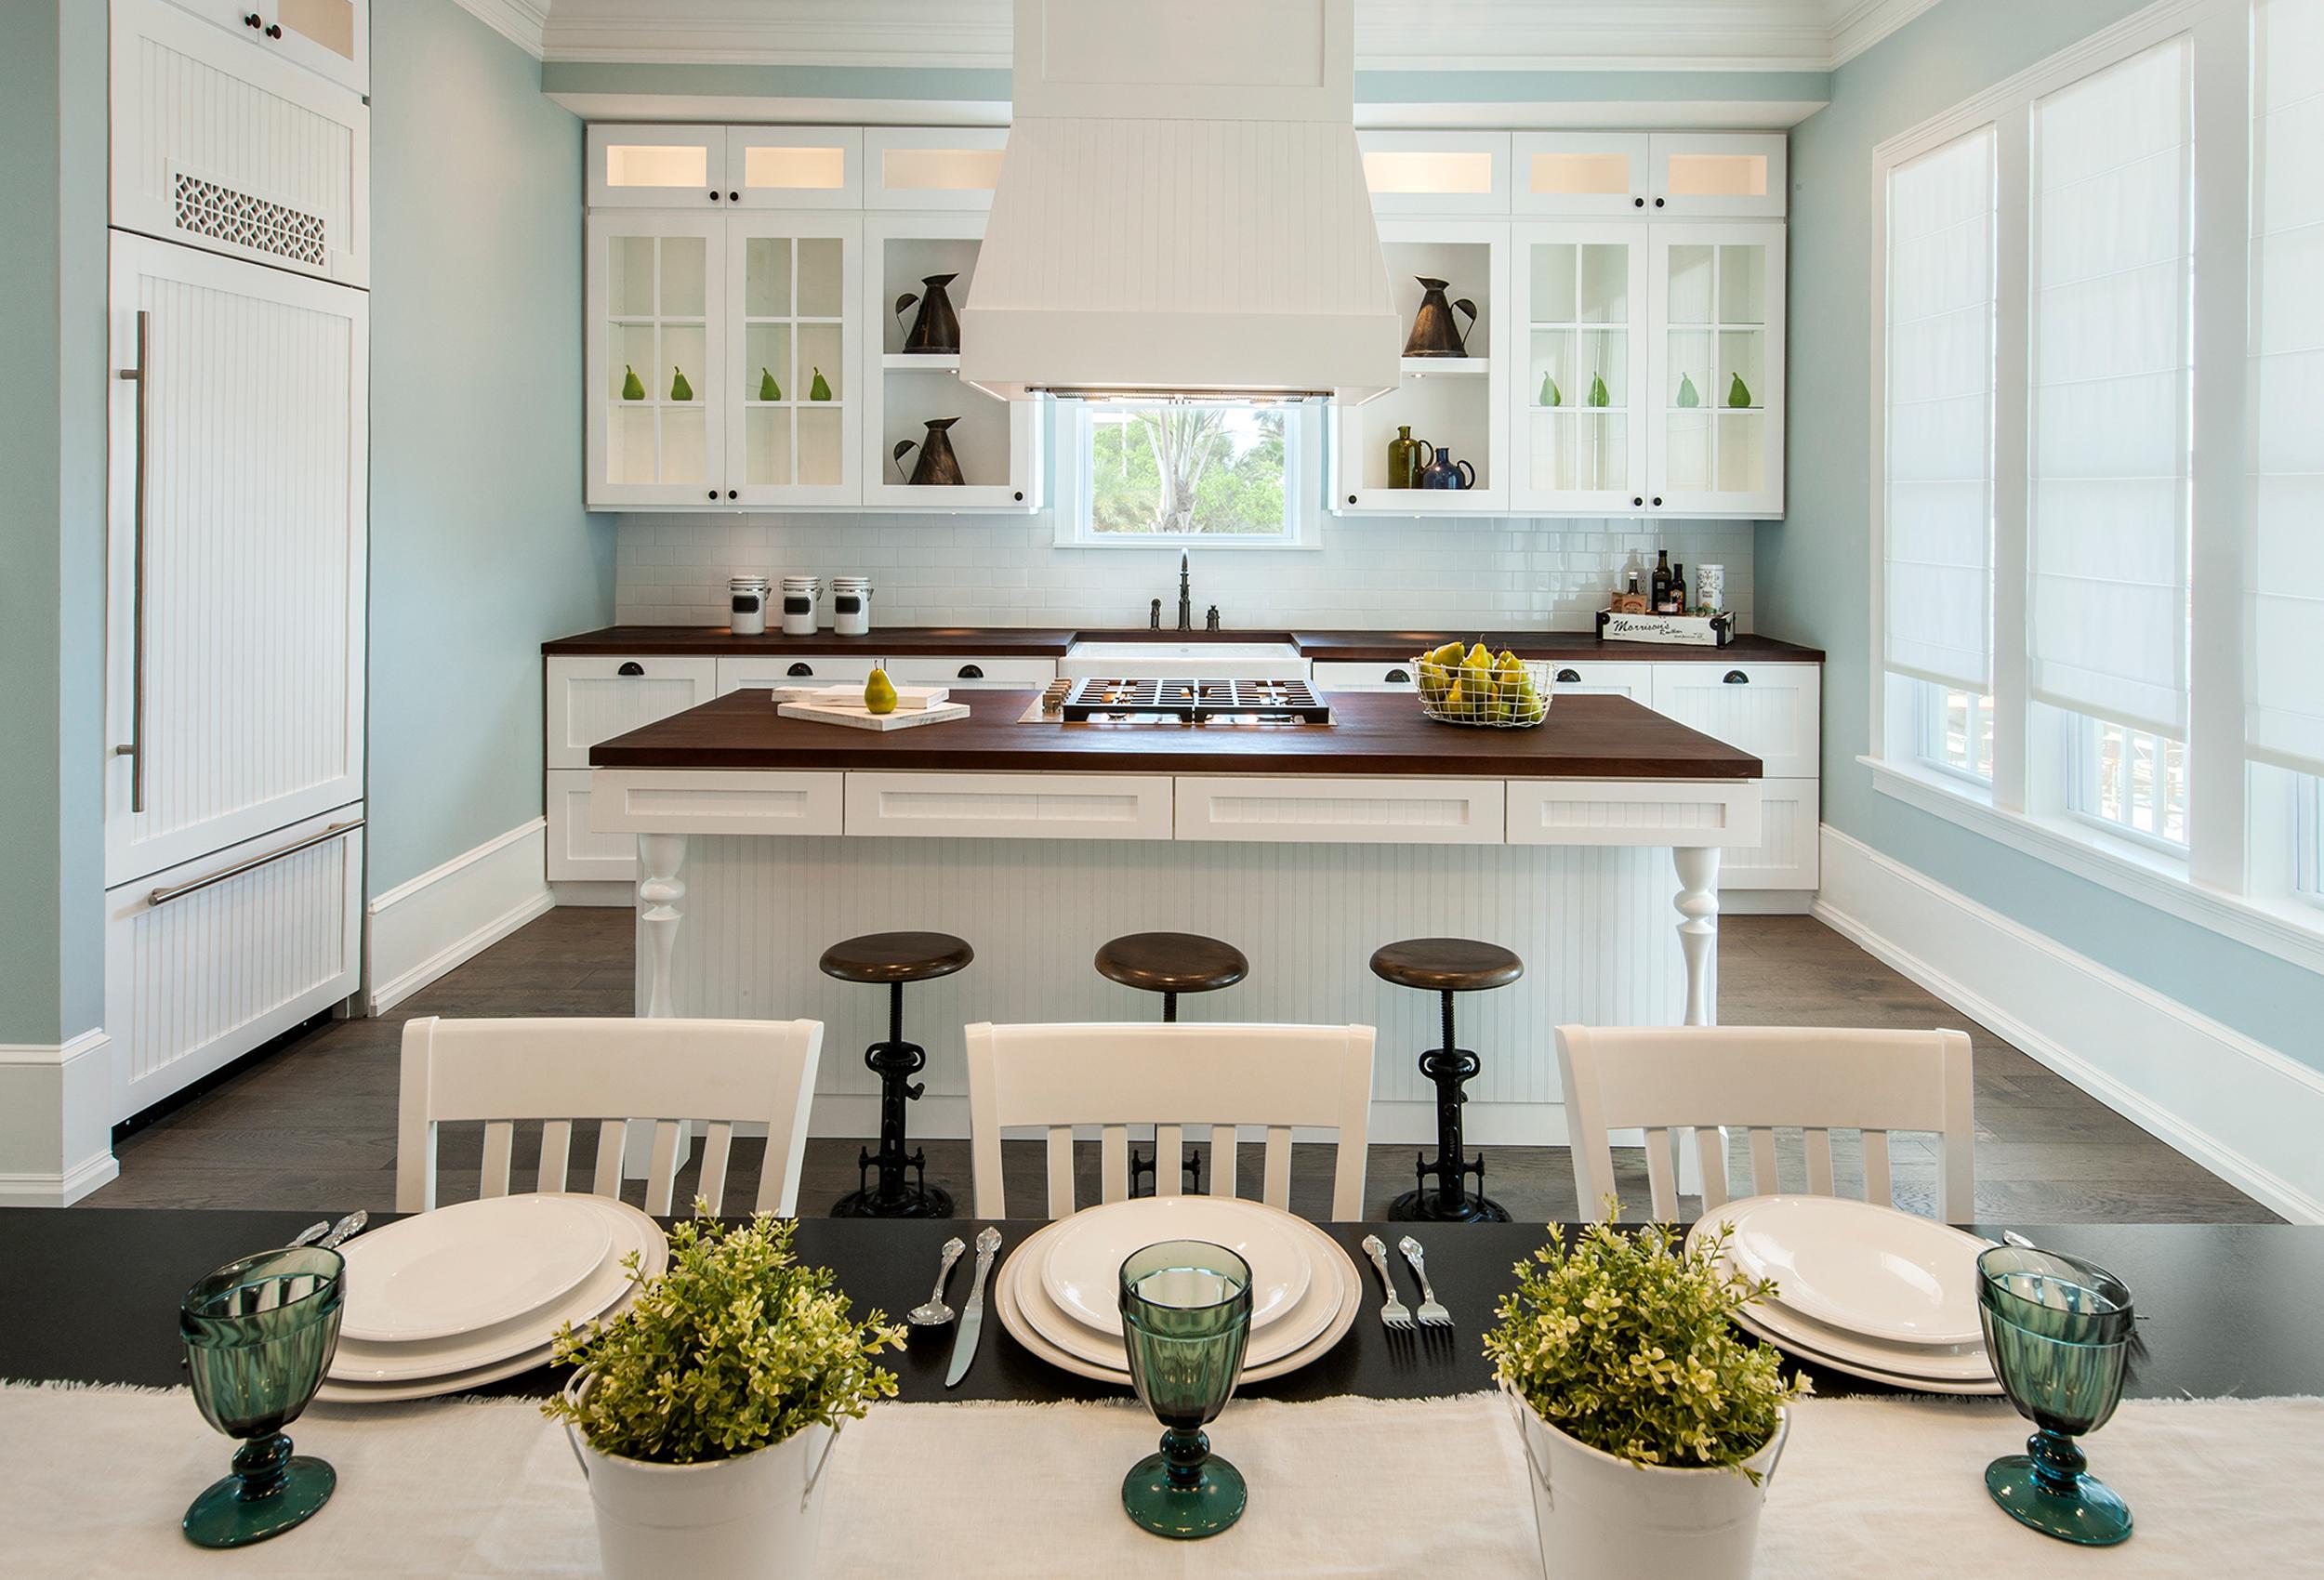 Oni-One-Residential-Schooner-Kitchen.jpg